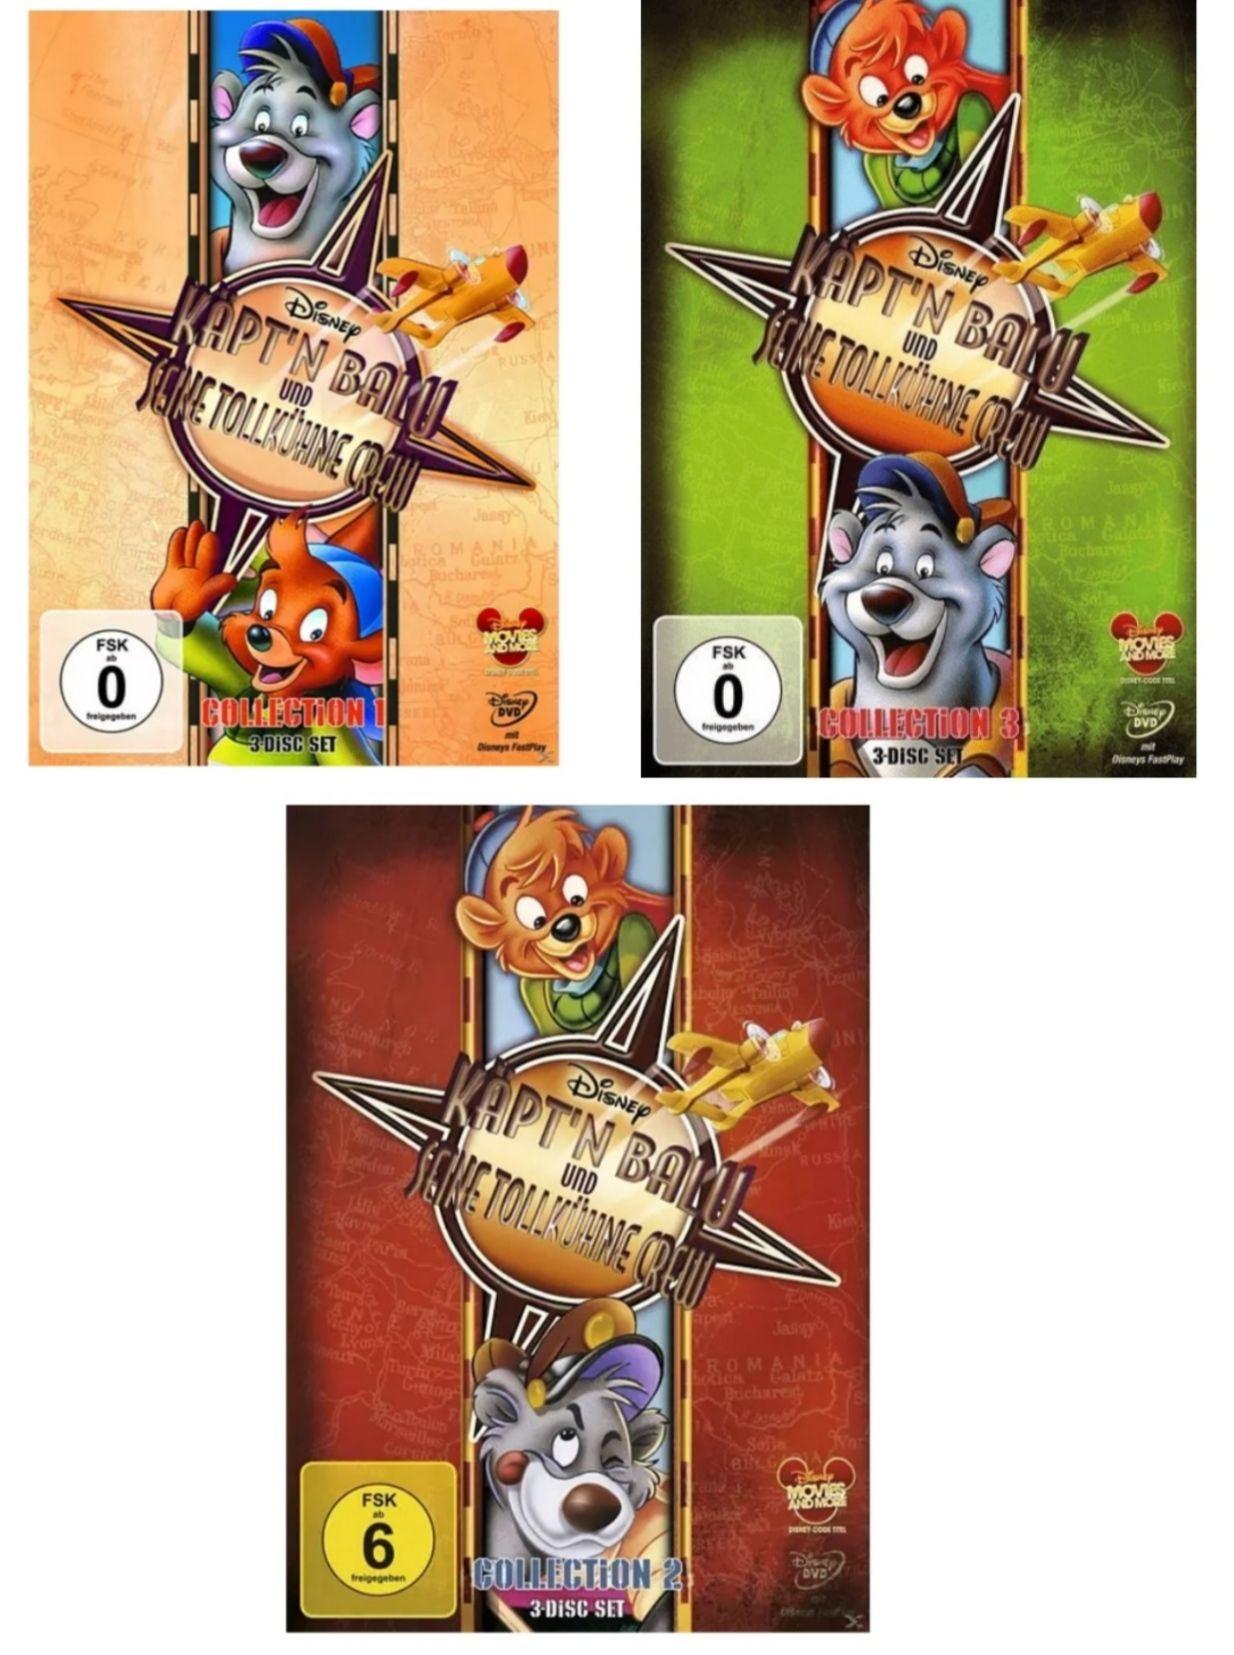 [Saturn Abholung] Käpt'n Balu und seine tollkühne Crew - Collection 1+2+3 DVD (9 DVDs)